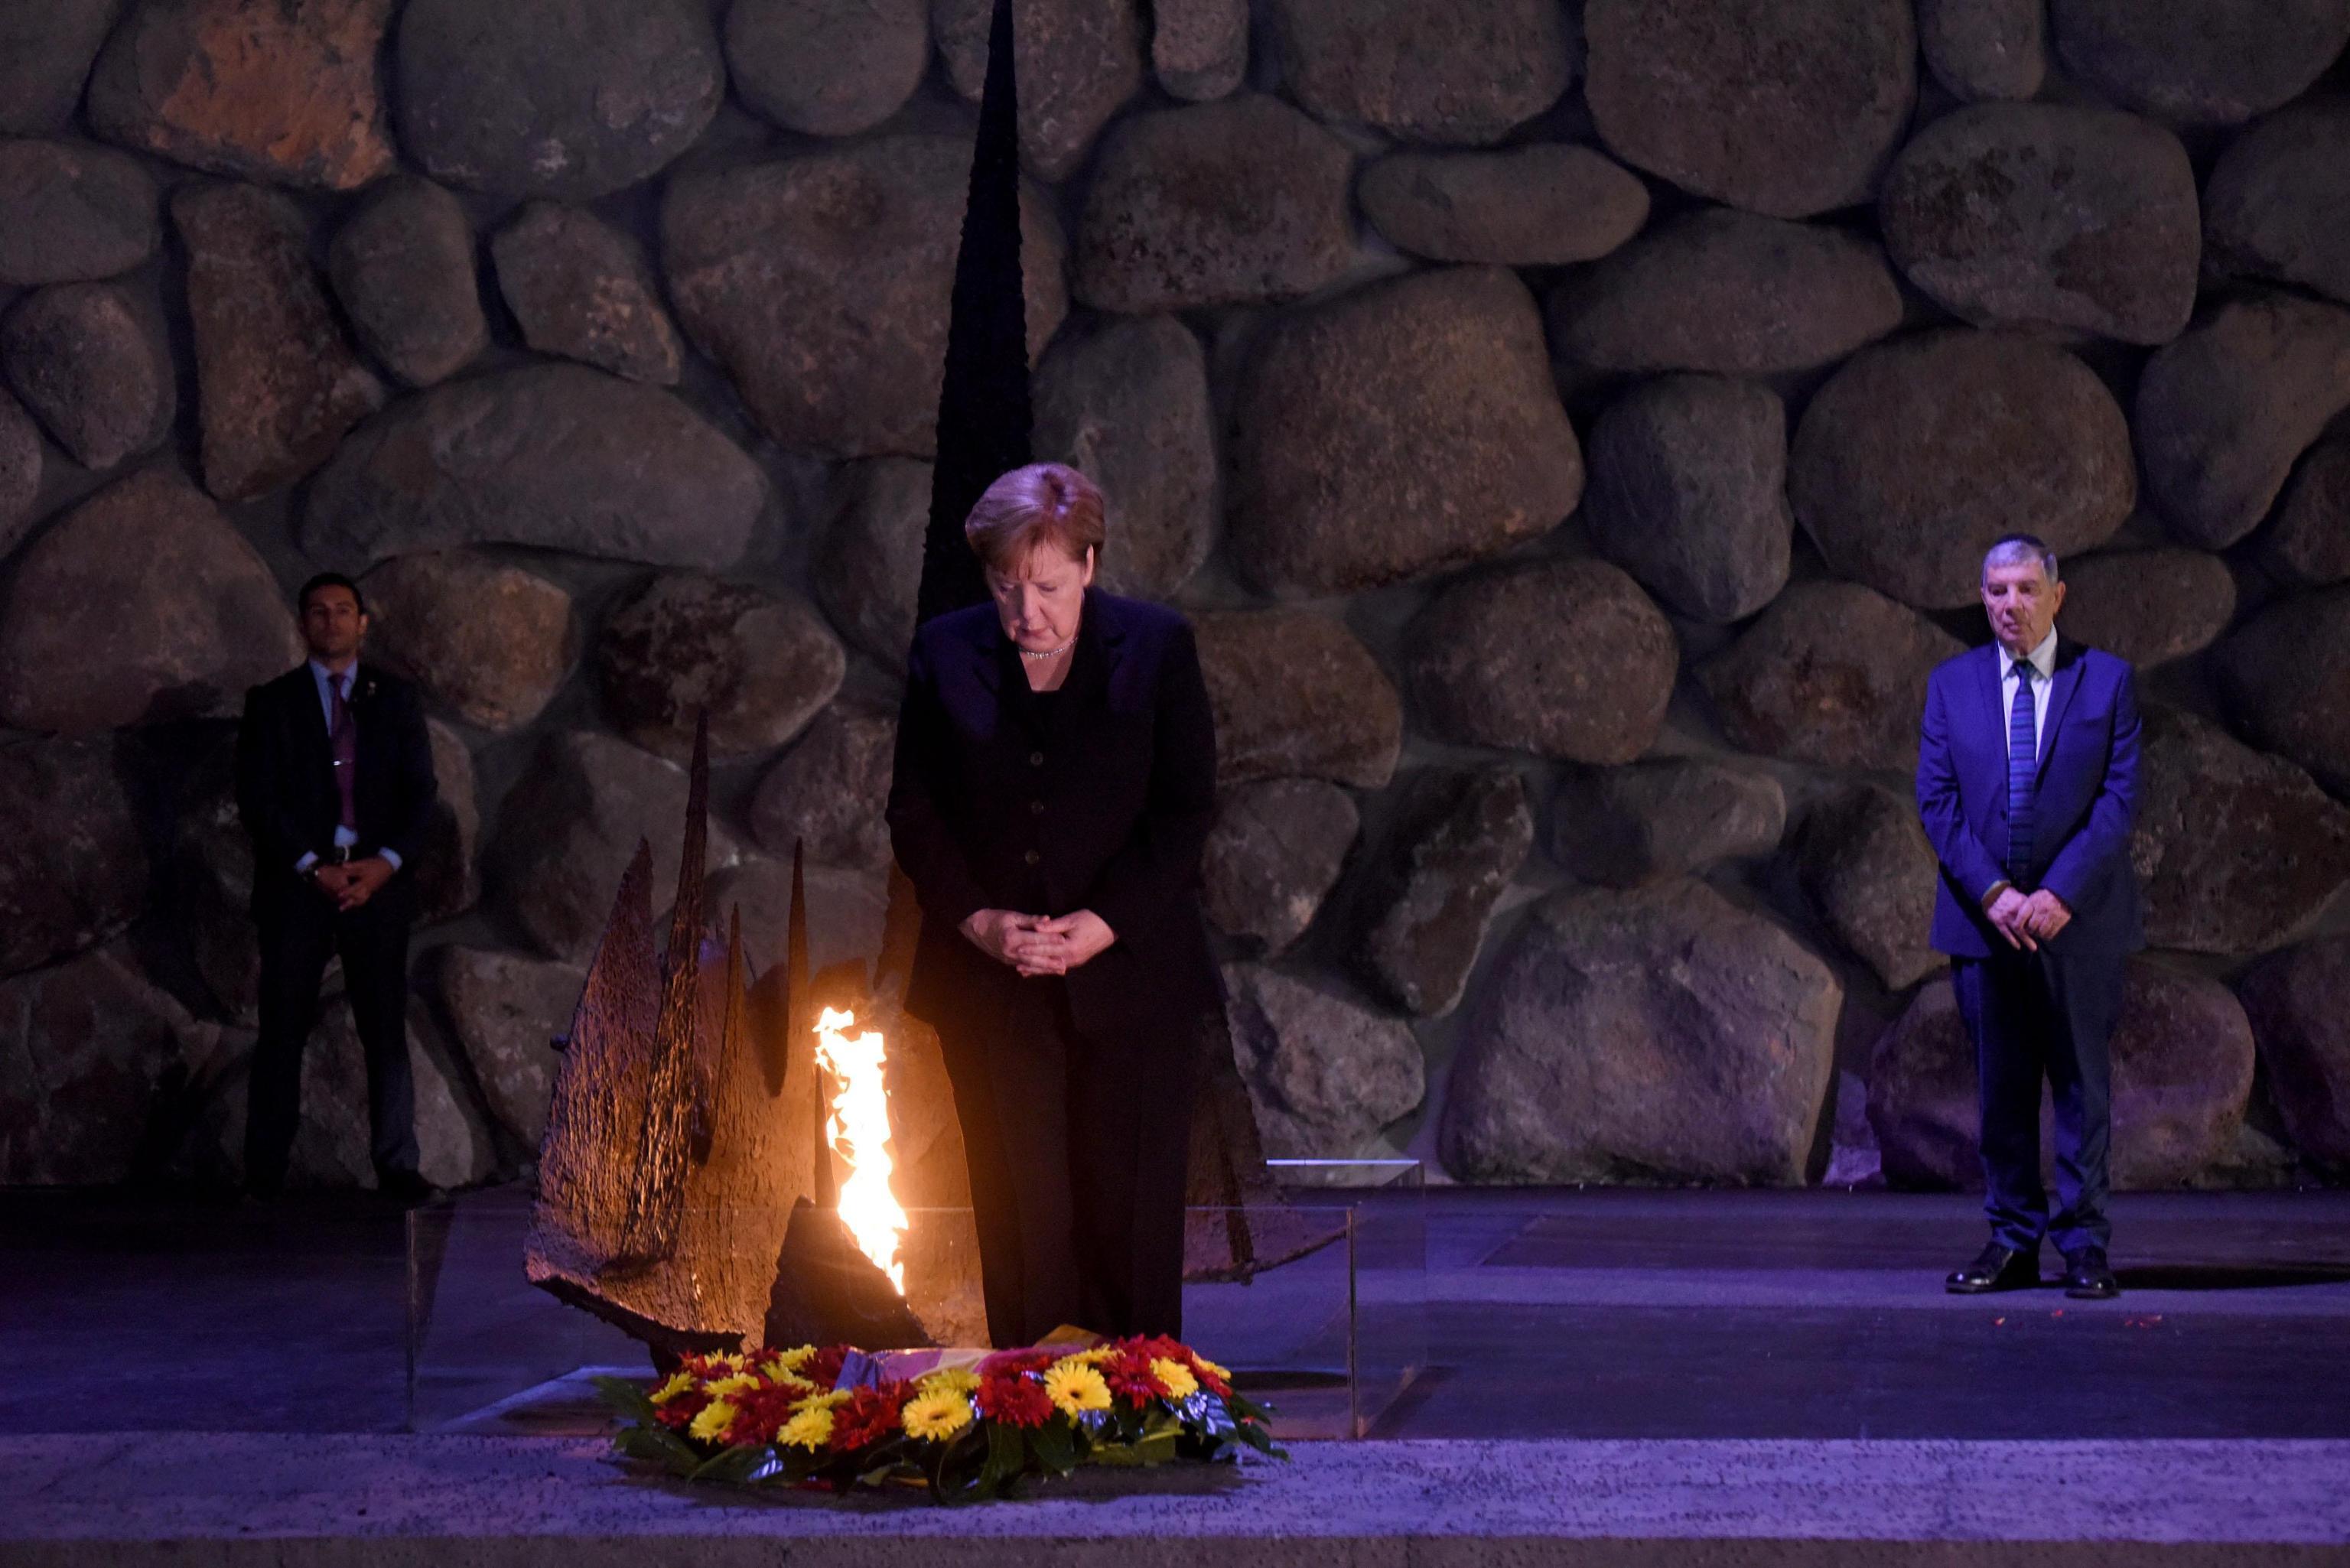 Angela Merkel dopo aver lasciato la corona in ricordo delle vittime dell'Olocausto